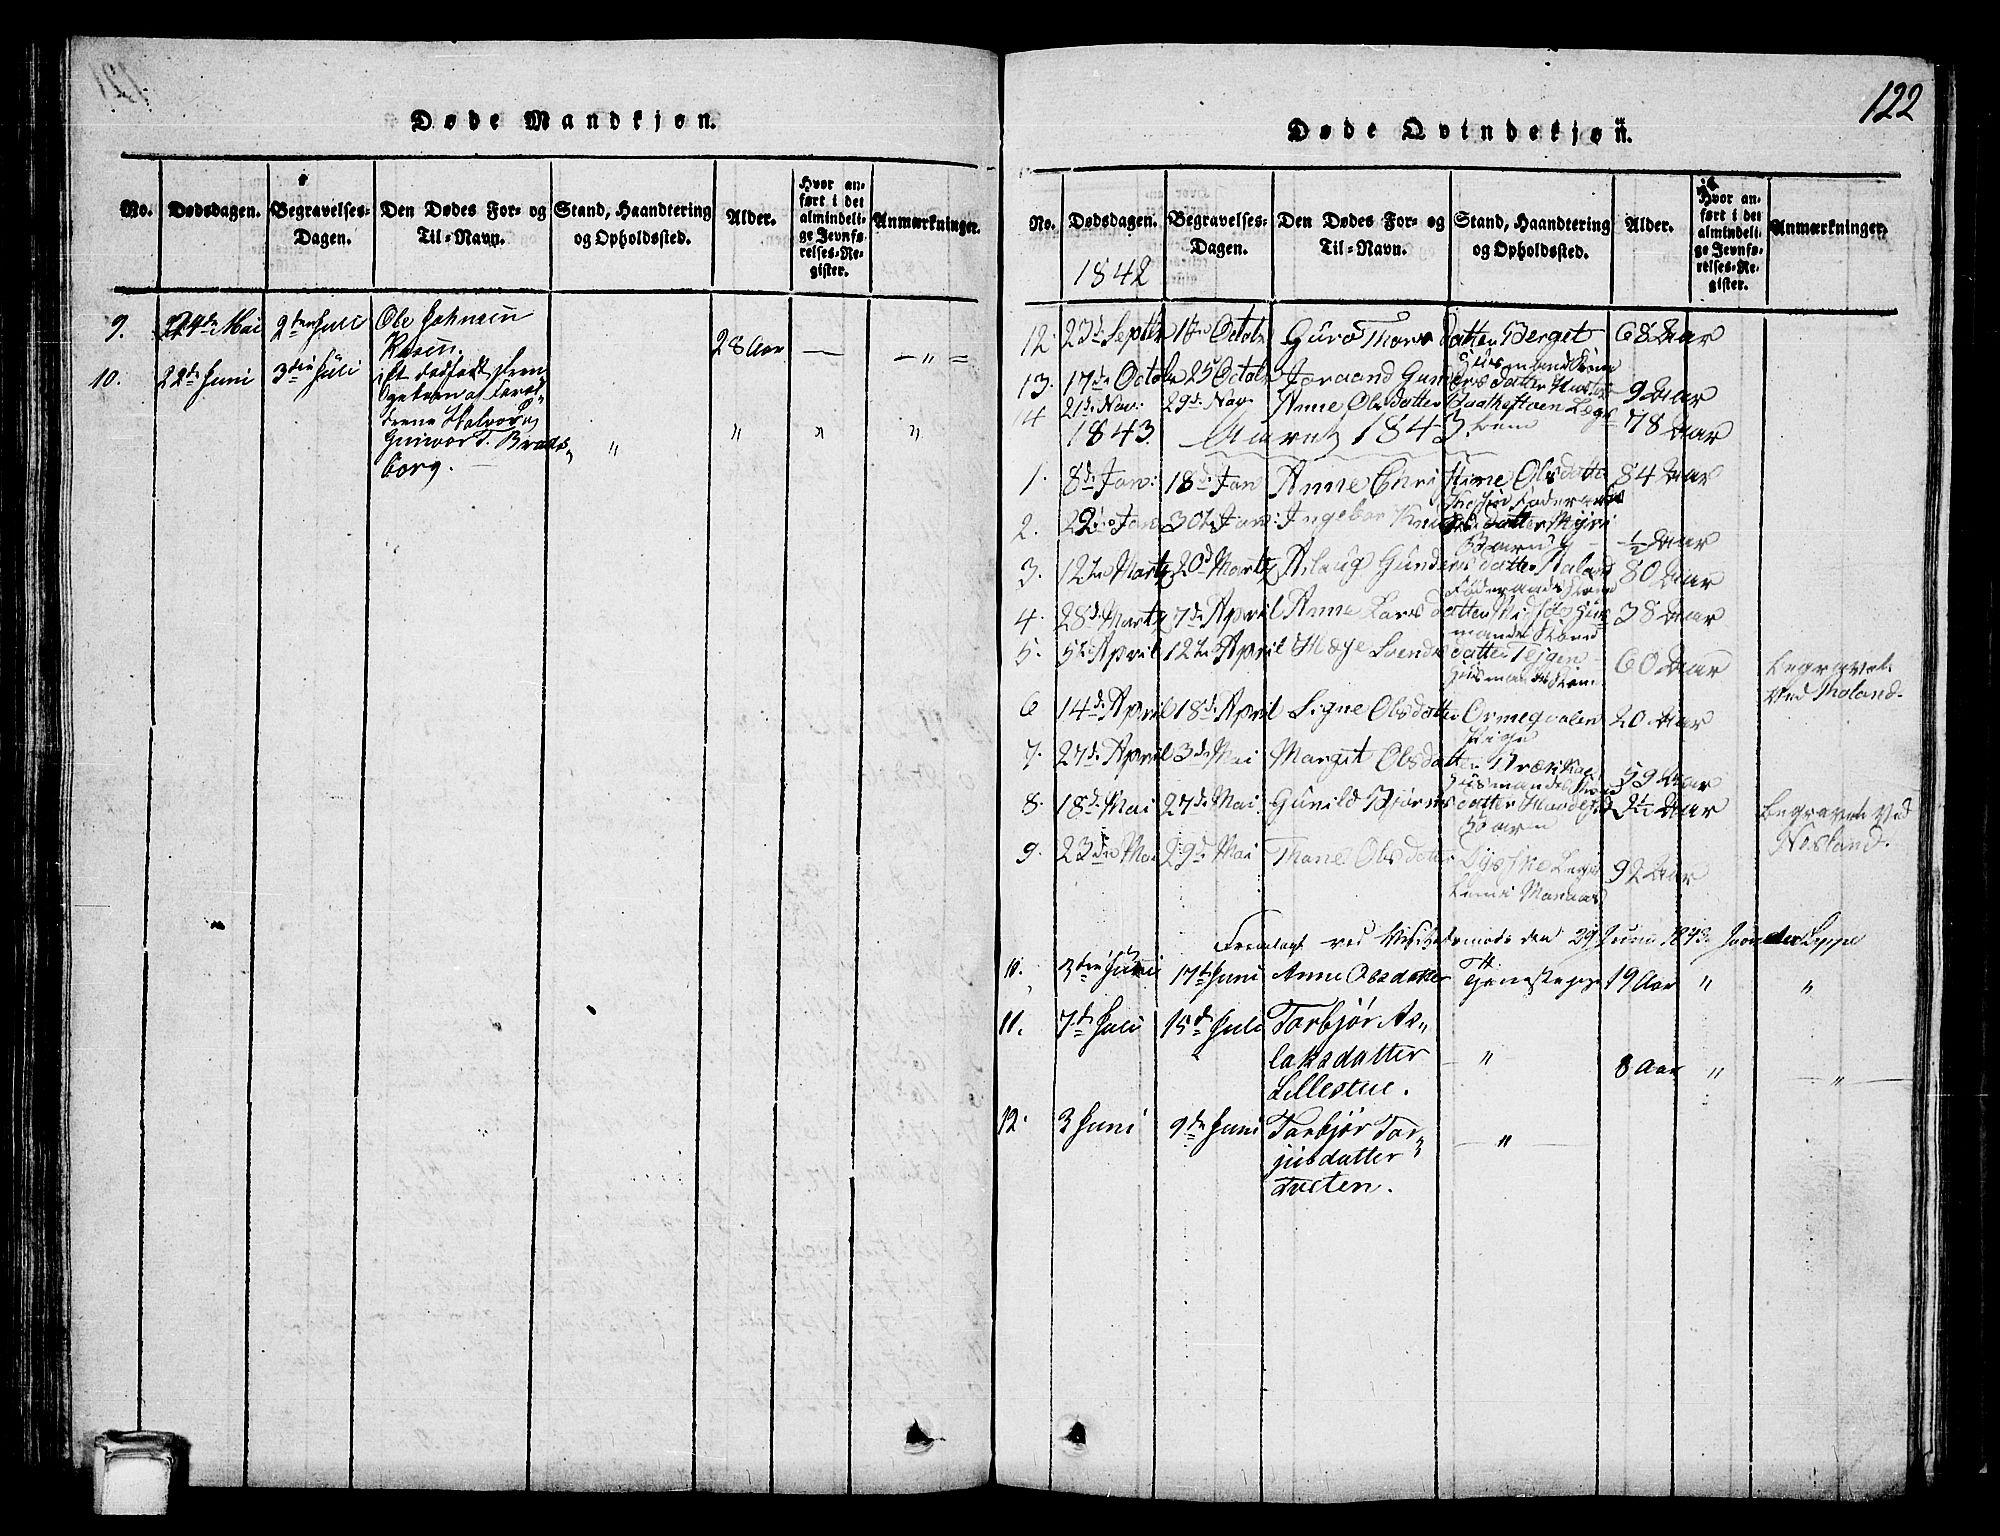 SAKO, Vinje kirkebøker, G/Ga/L0001: Klokkerbok nr. I 1, 1814-1843, s. 122